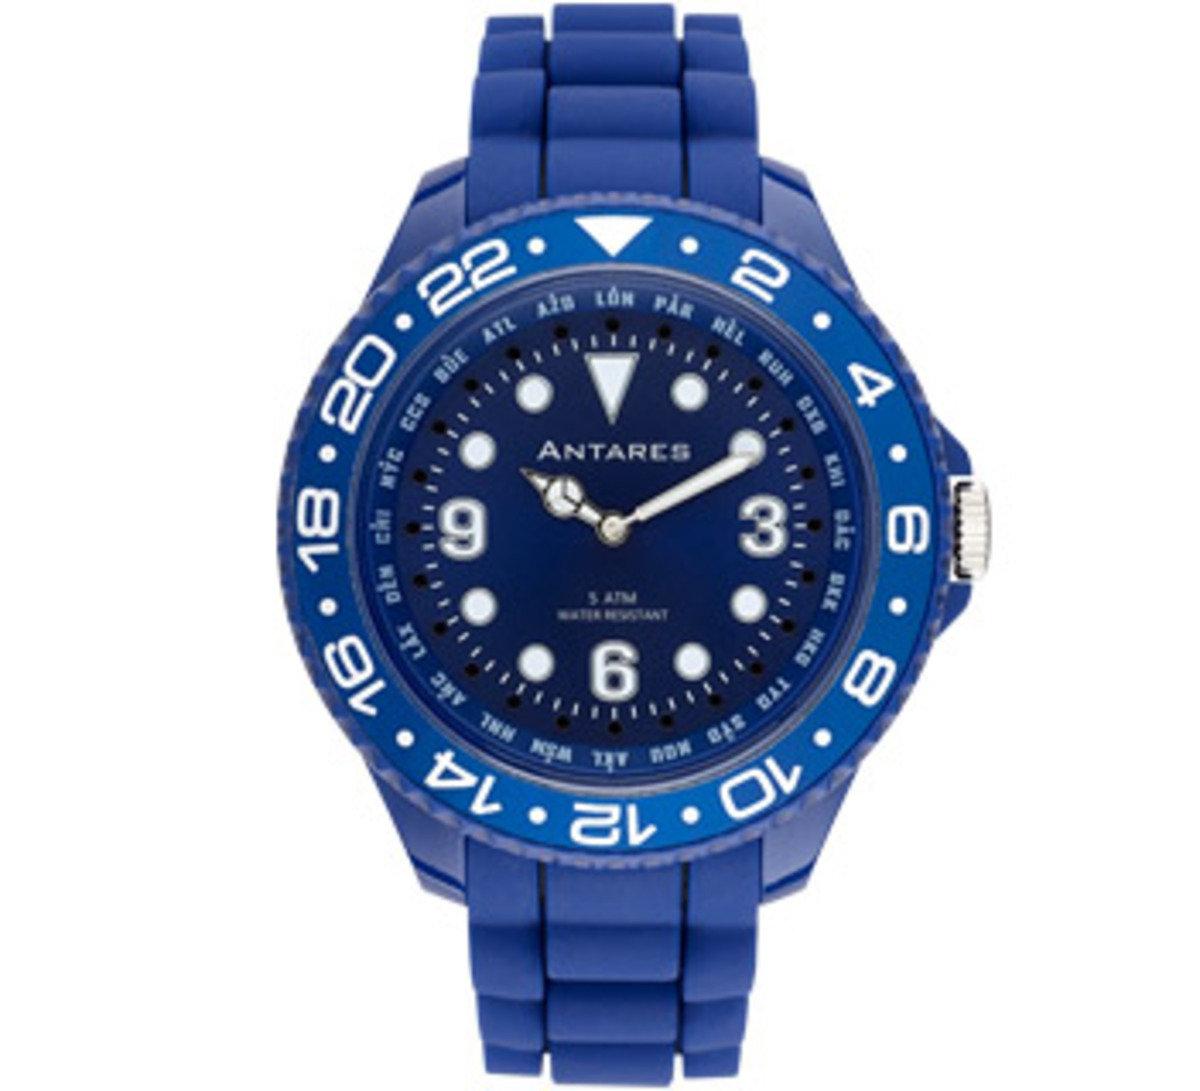 糖果色世界時間手錶 - 深藍